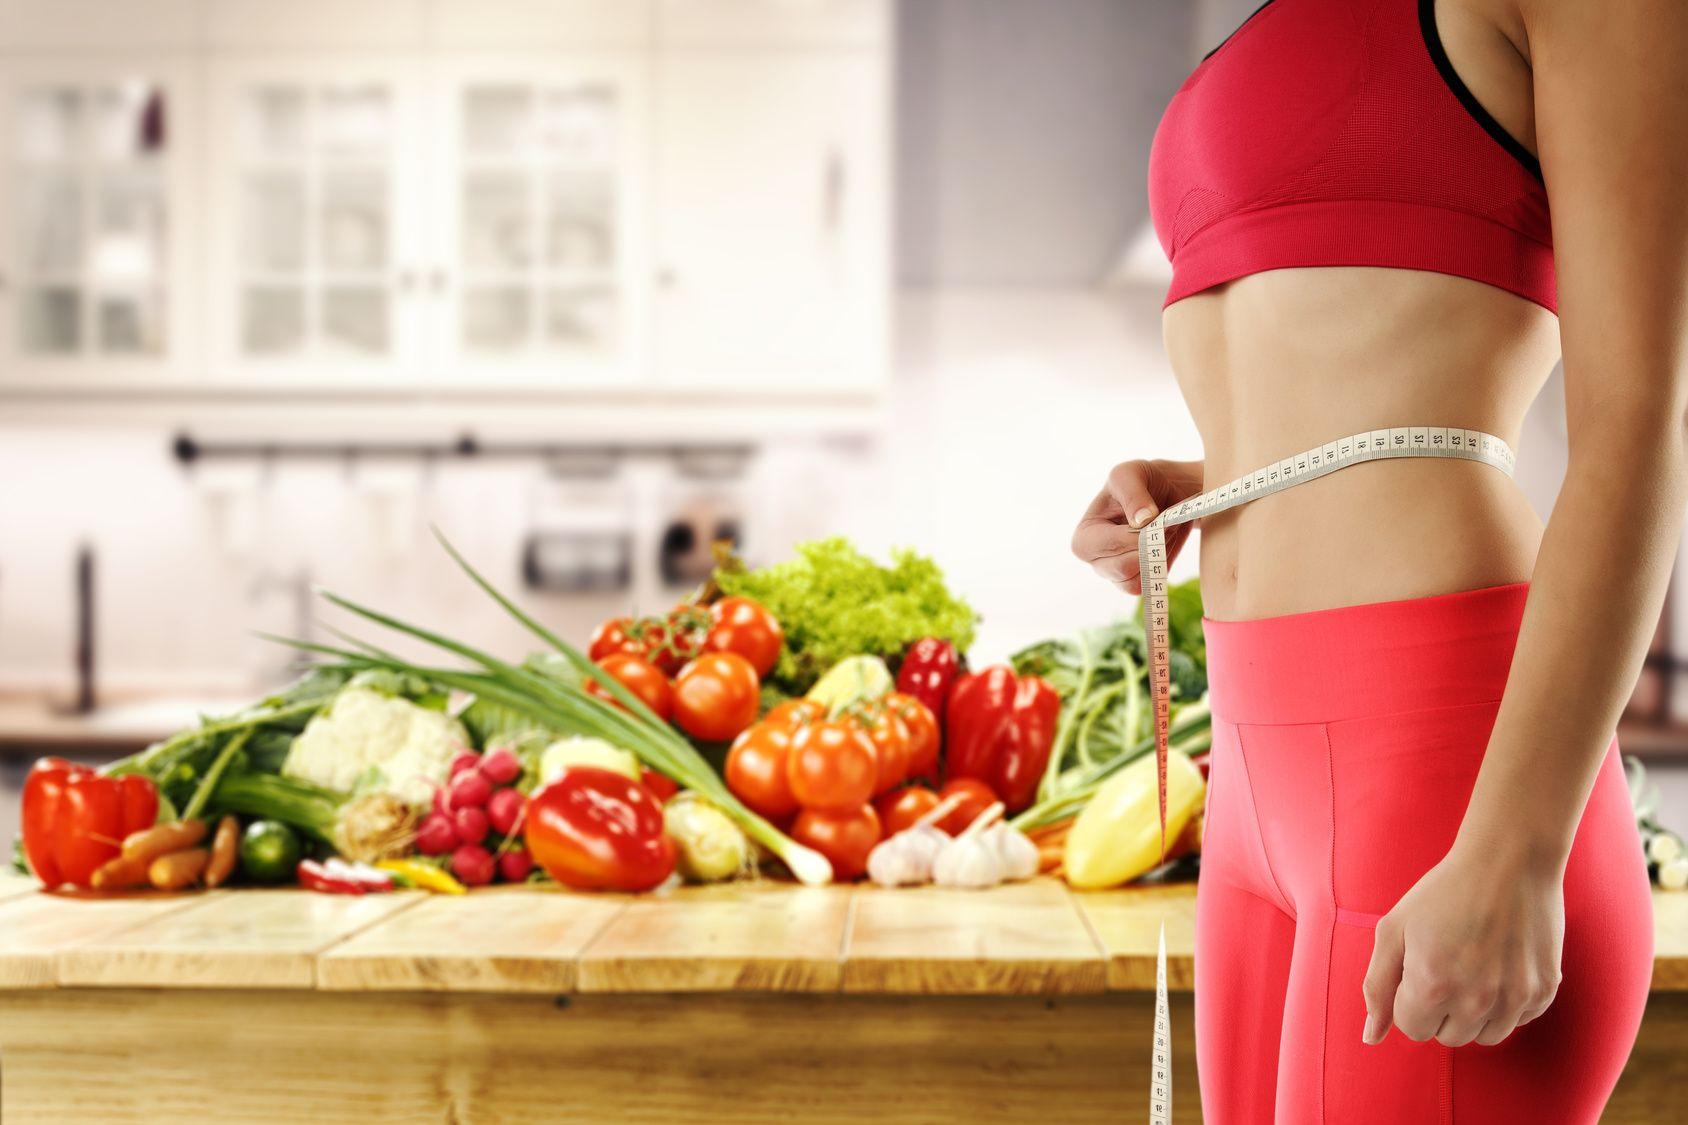 La dieta mediterranea per perdere 2 chili a settimana